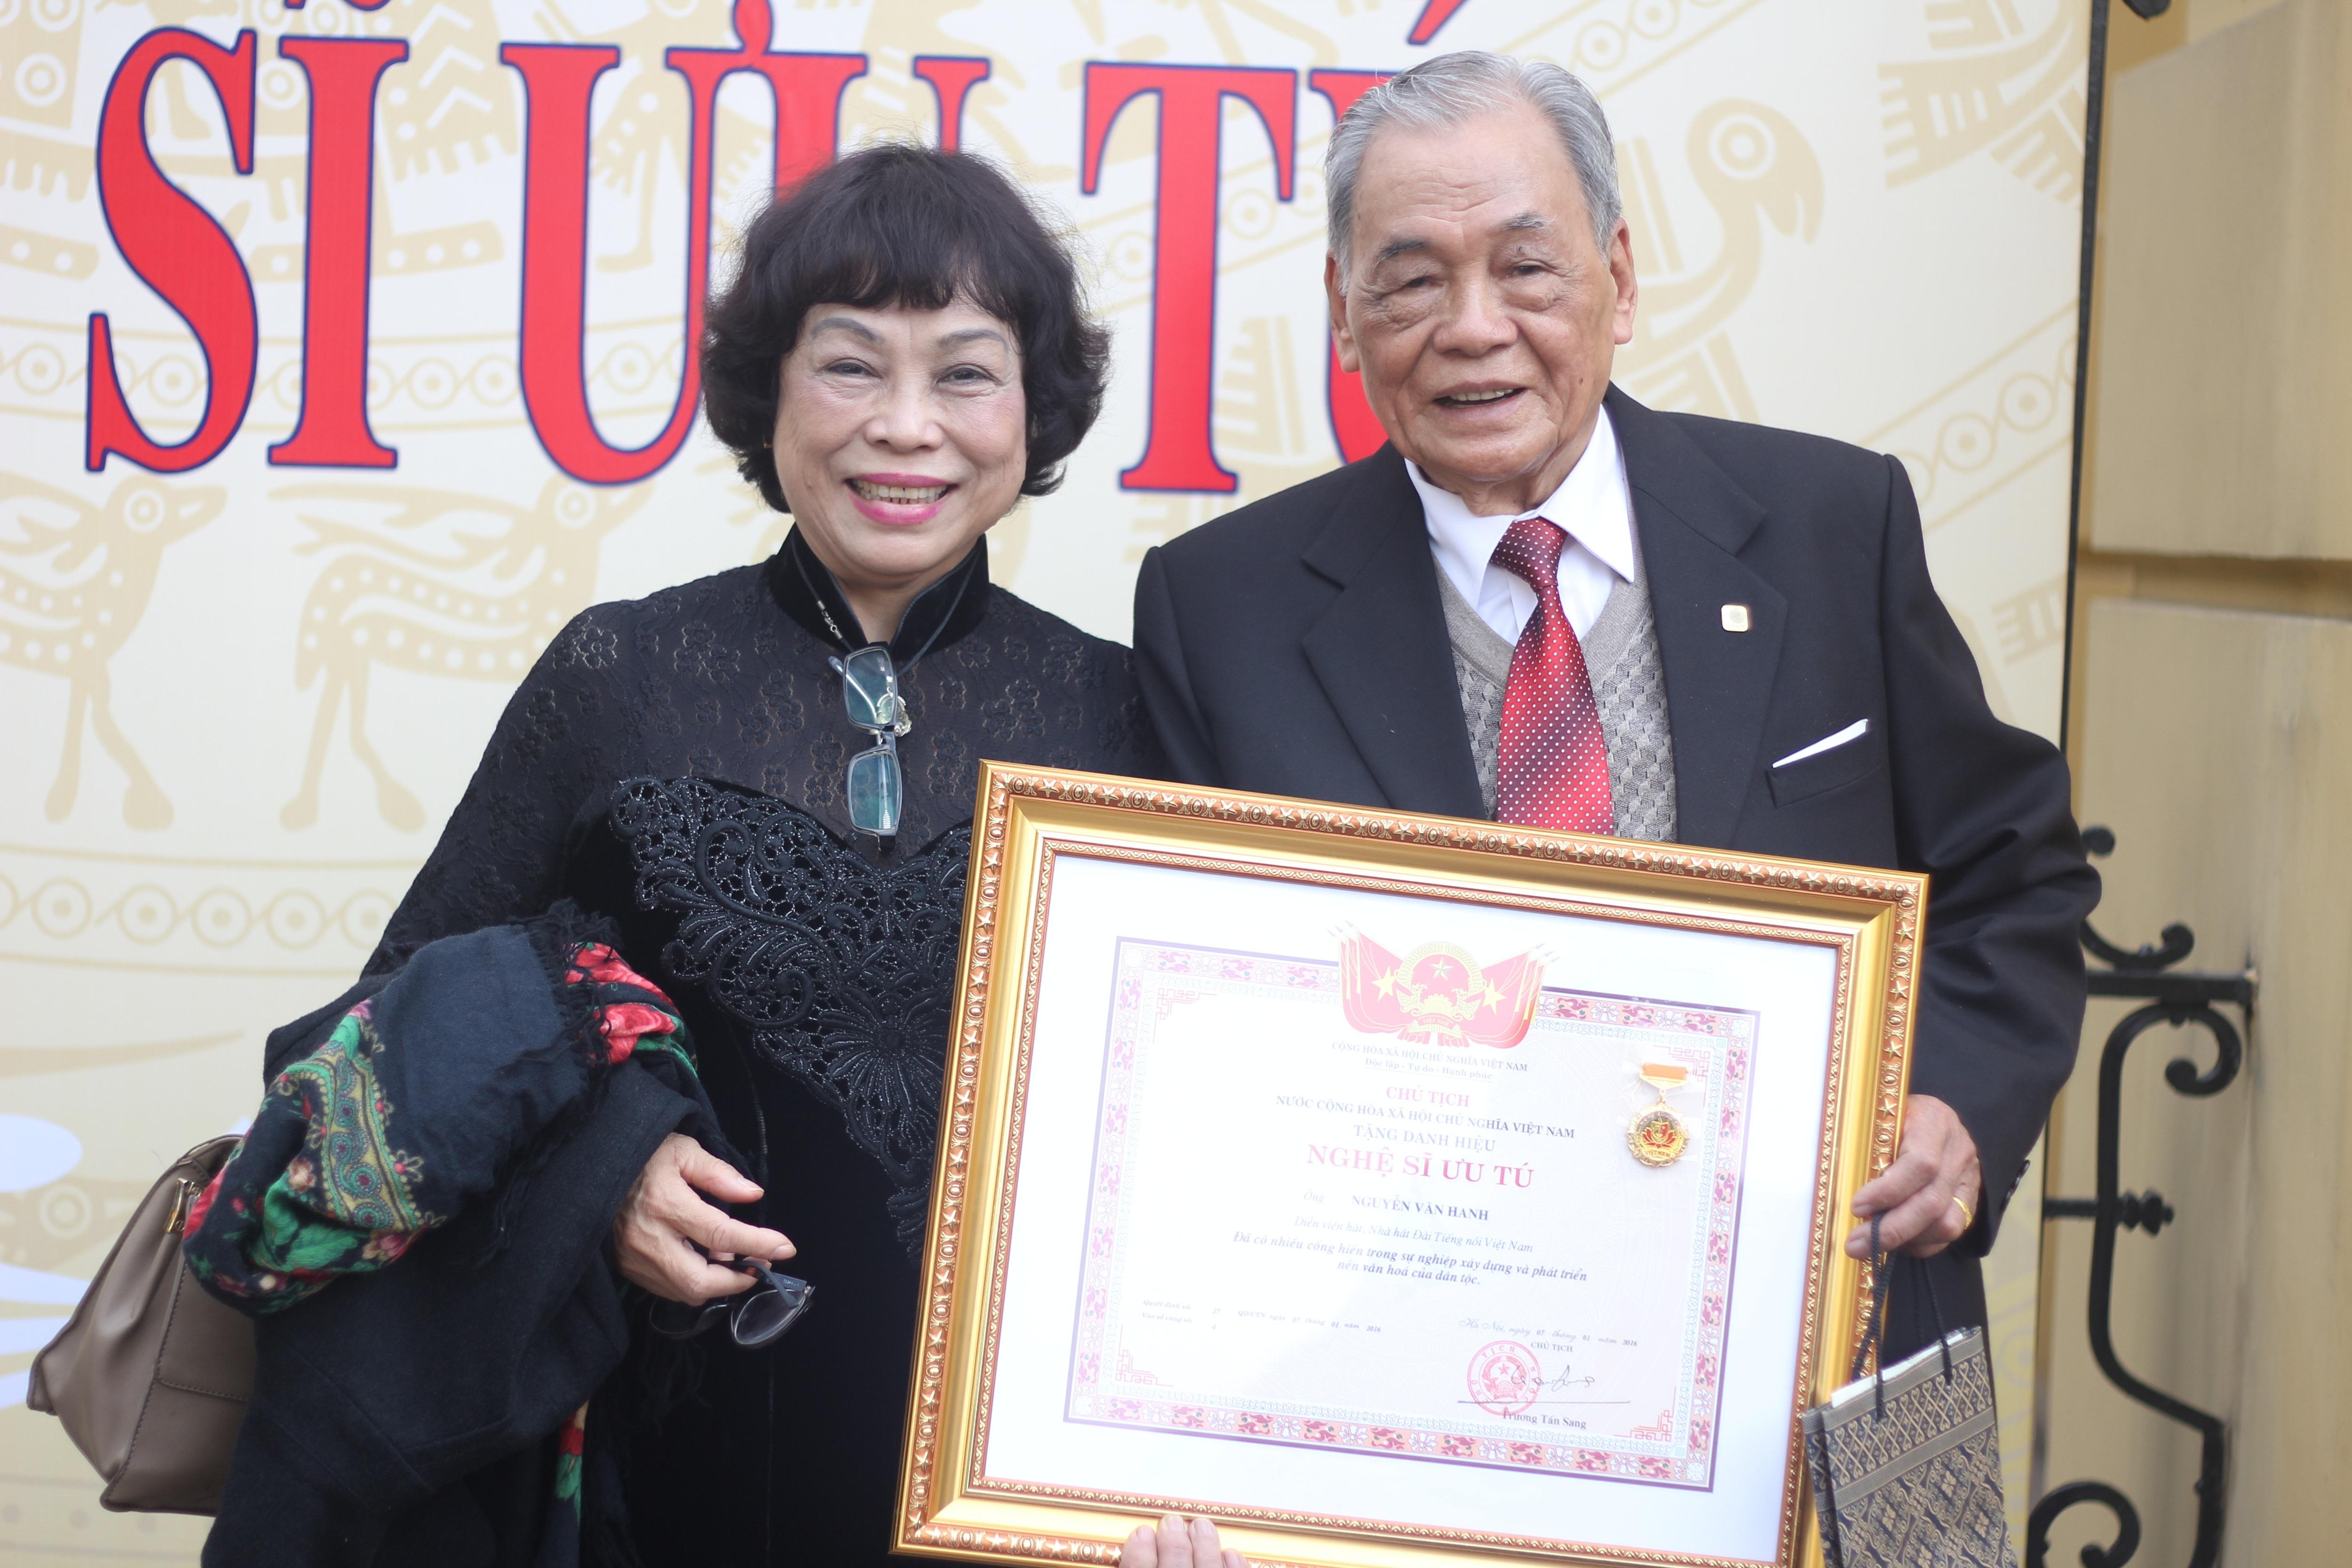 NSƯT Văn Hanh và con gái là PGS.TS Nguyễn Thị Minh Thái trong buổi nhận bằng phong tặng danh hiệu sáng 10/1. Ảnh: HTL.